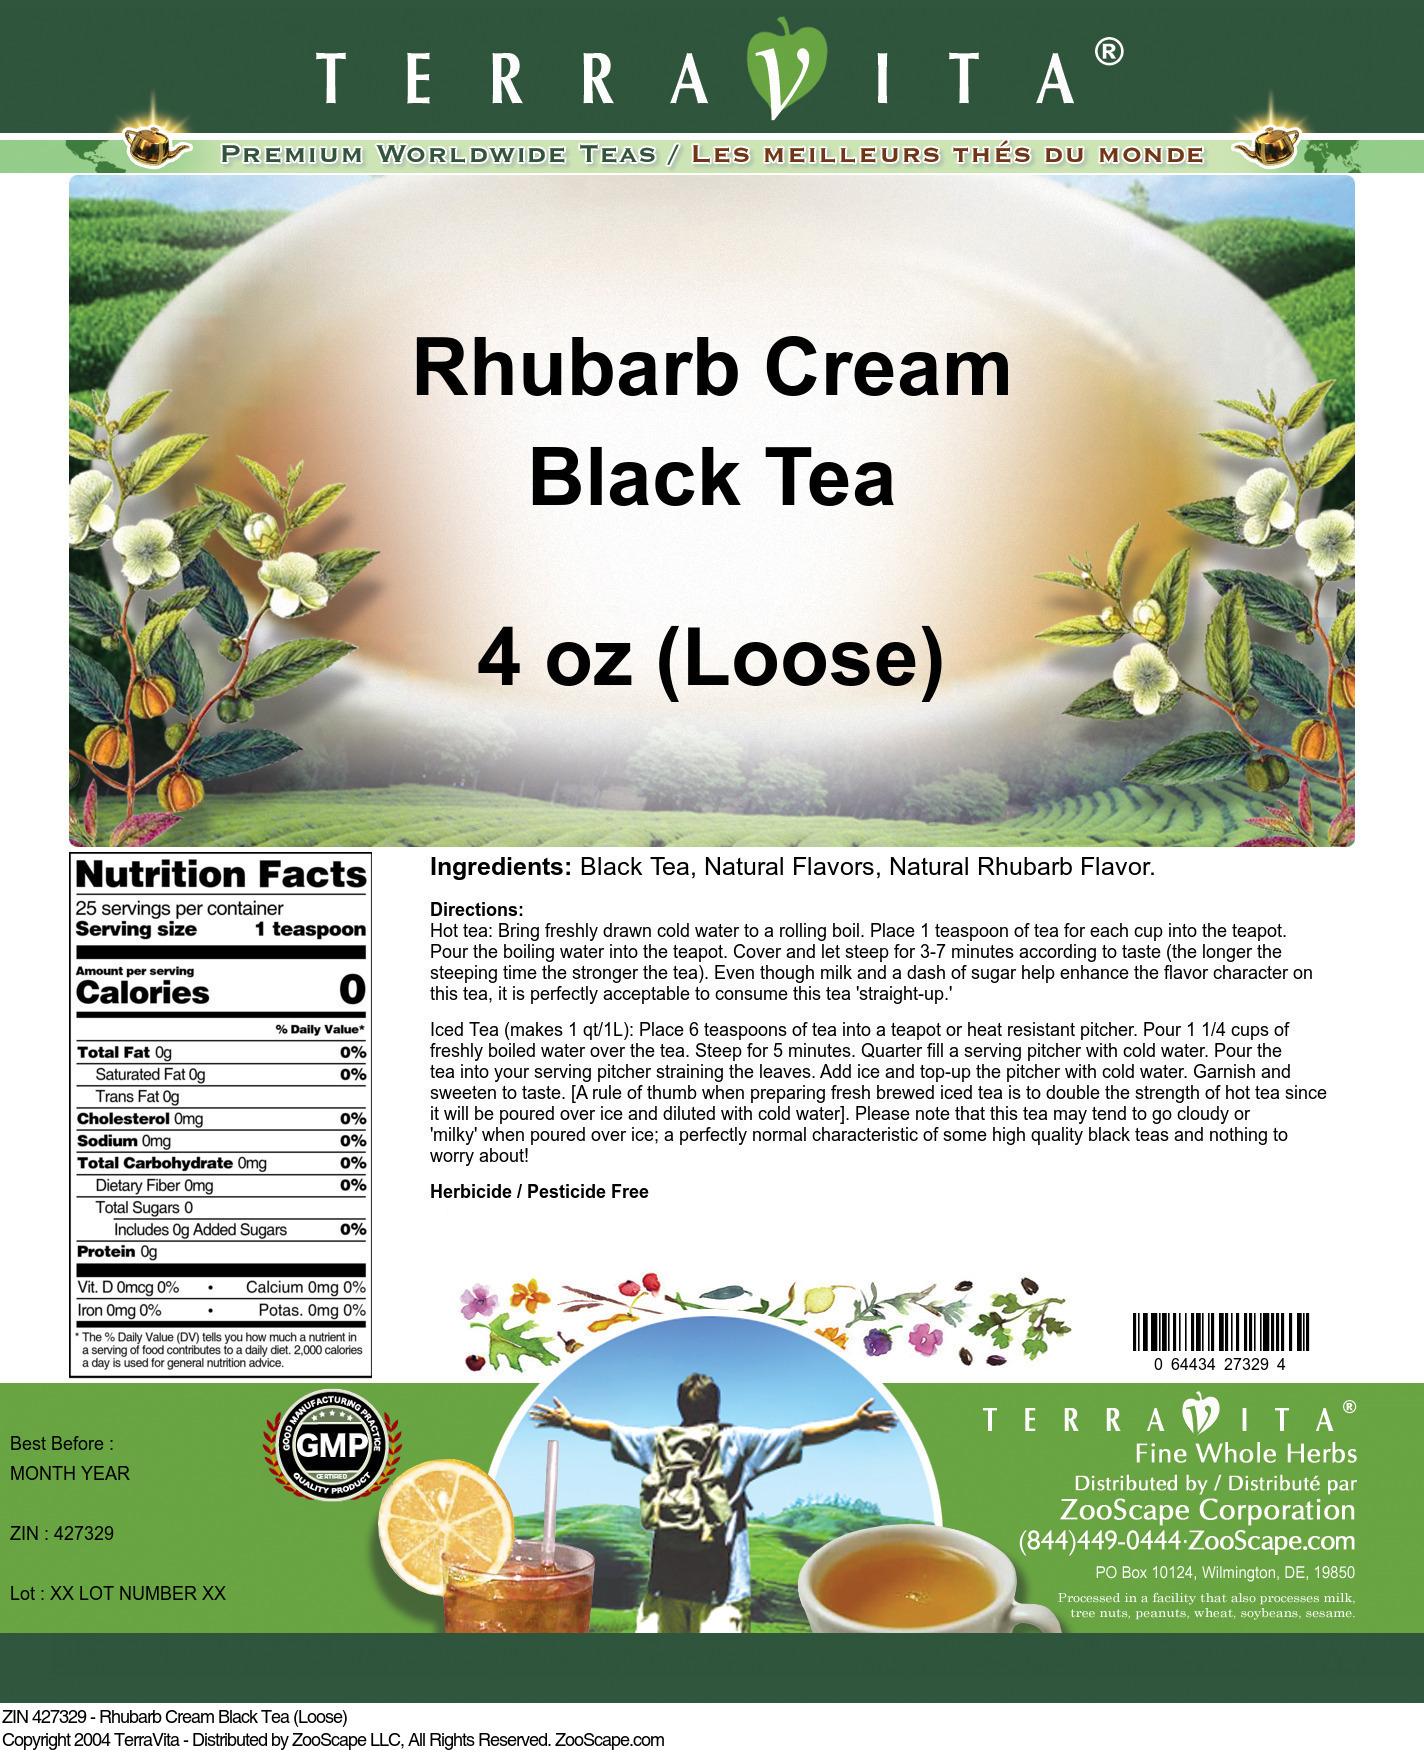 Rhubarb Cream Black Tea